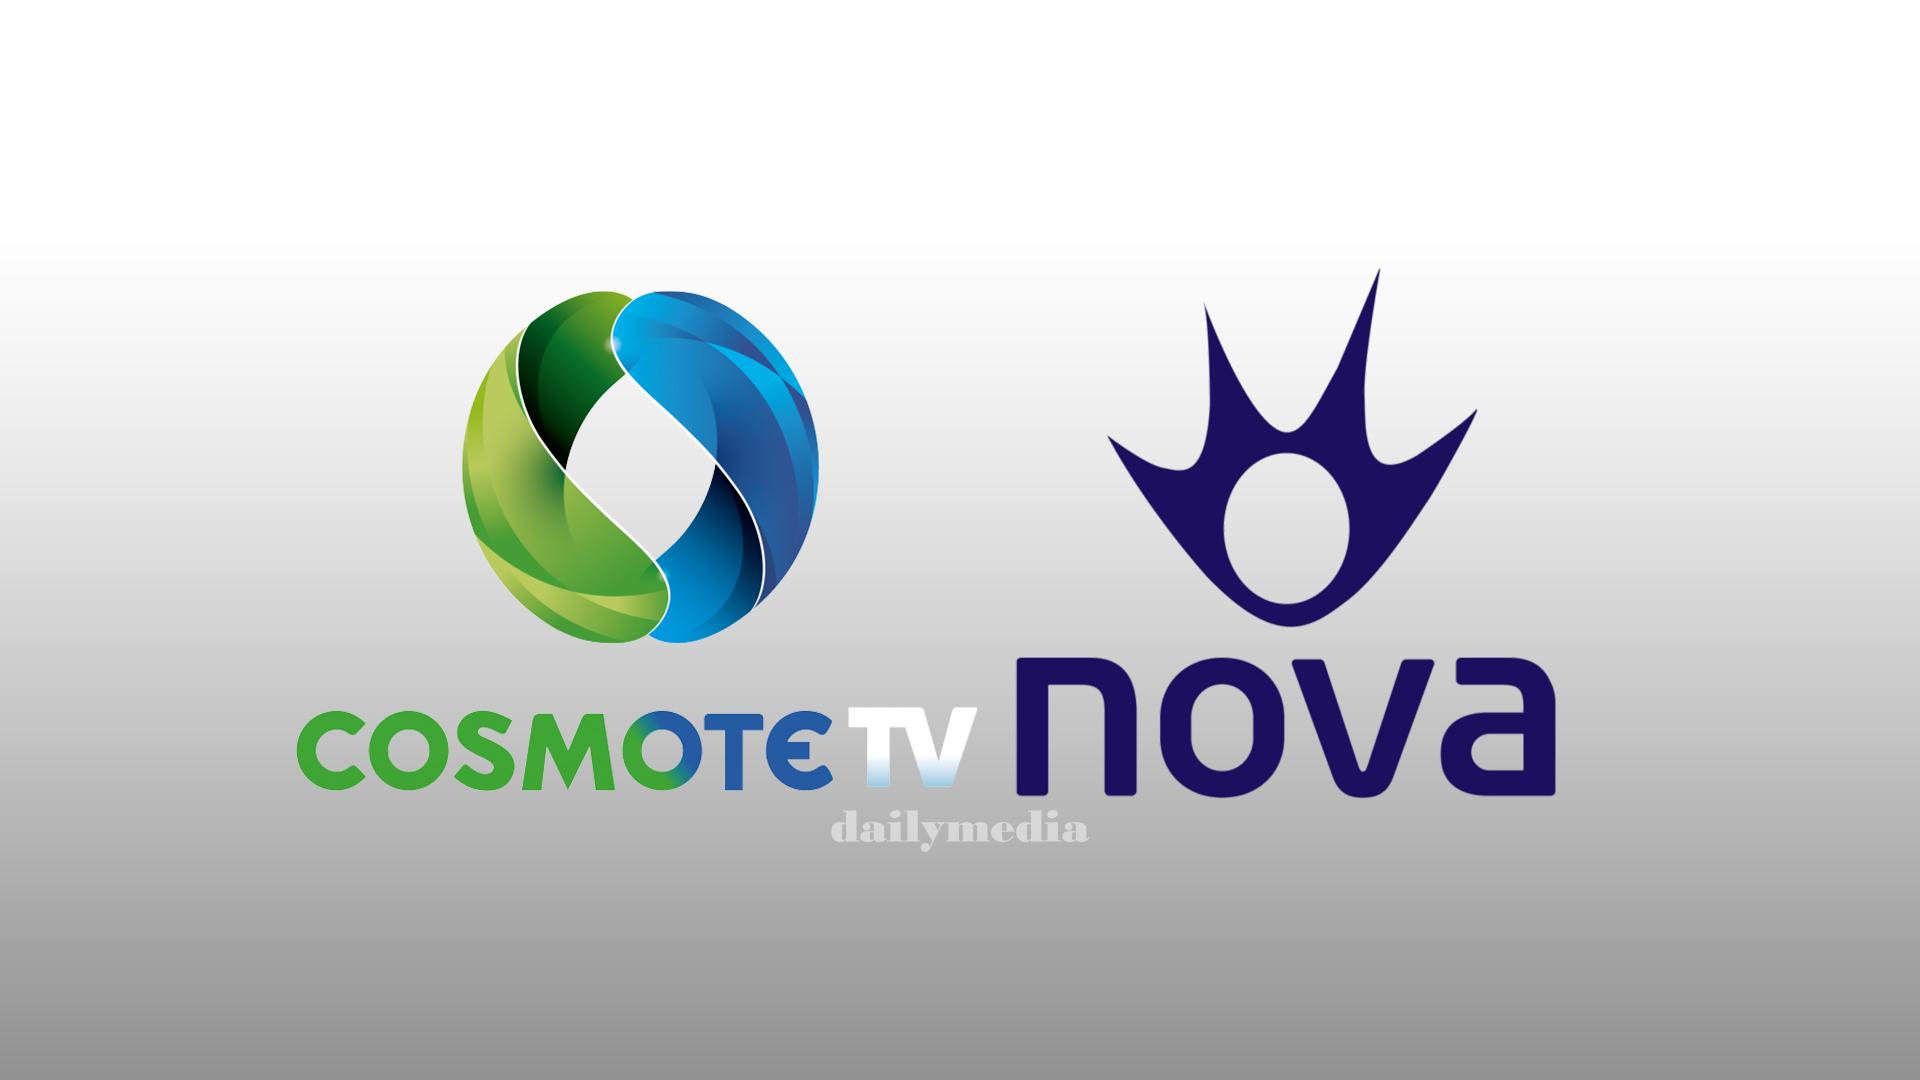 Πώς θα σας φαινόταν να είχατε Cosmote TV και να βλέπατε… Nova; - Dailymedia  & News